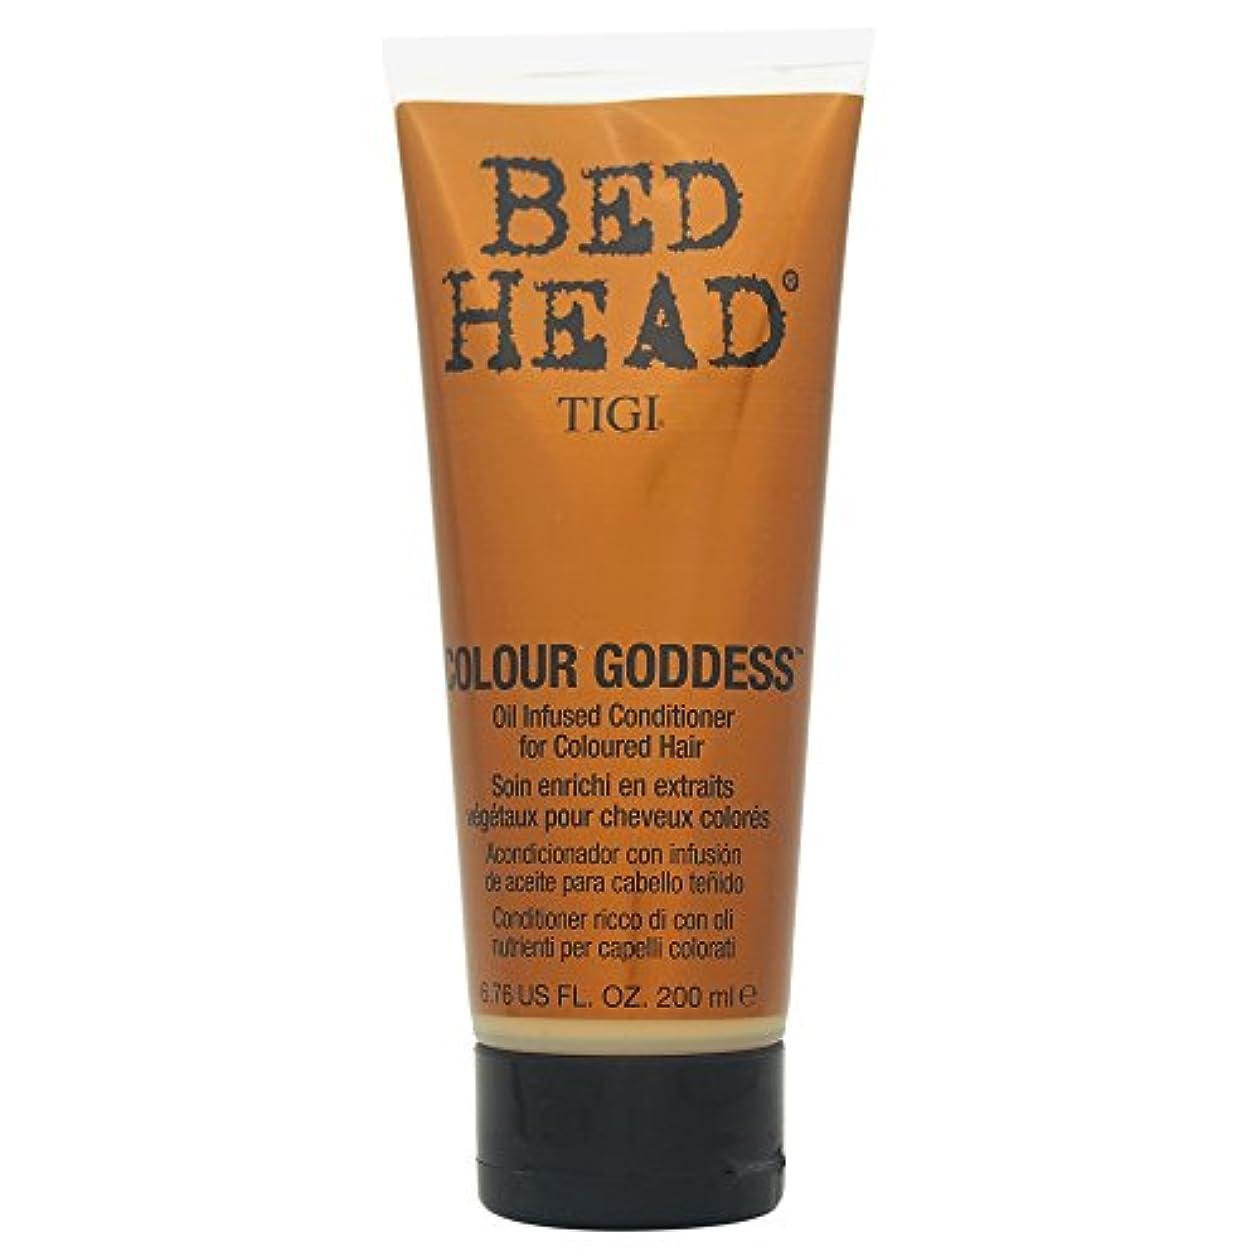 怪しいトーン確かにTigi Bed Head Colour Goddess Oil Infused Conditioner 200ml [並行輸入品]